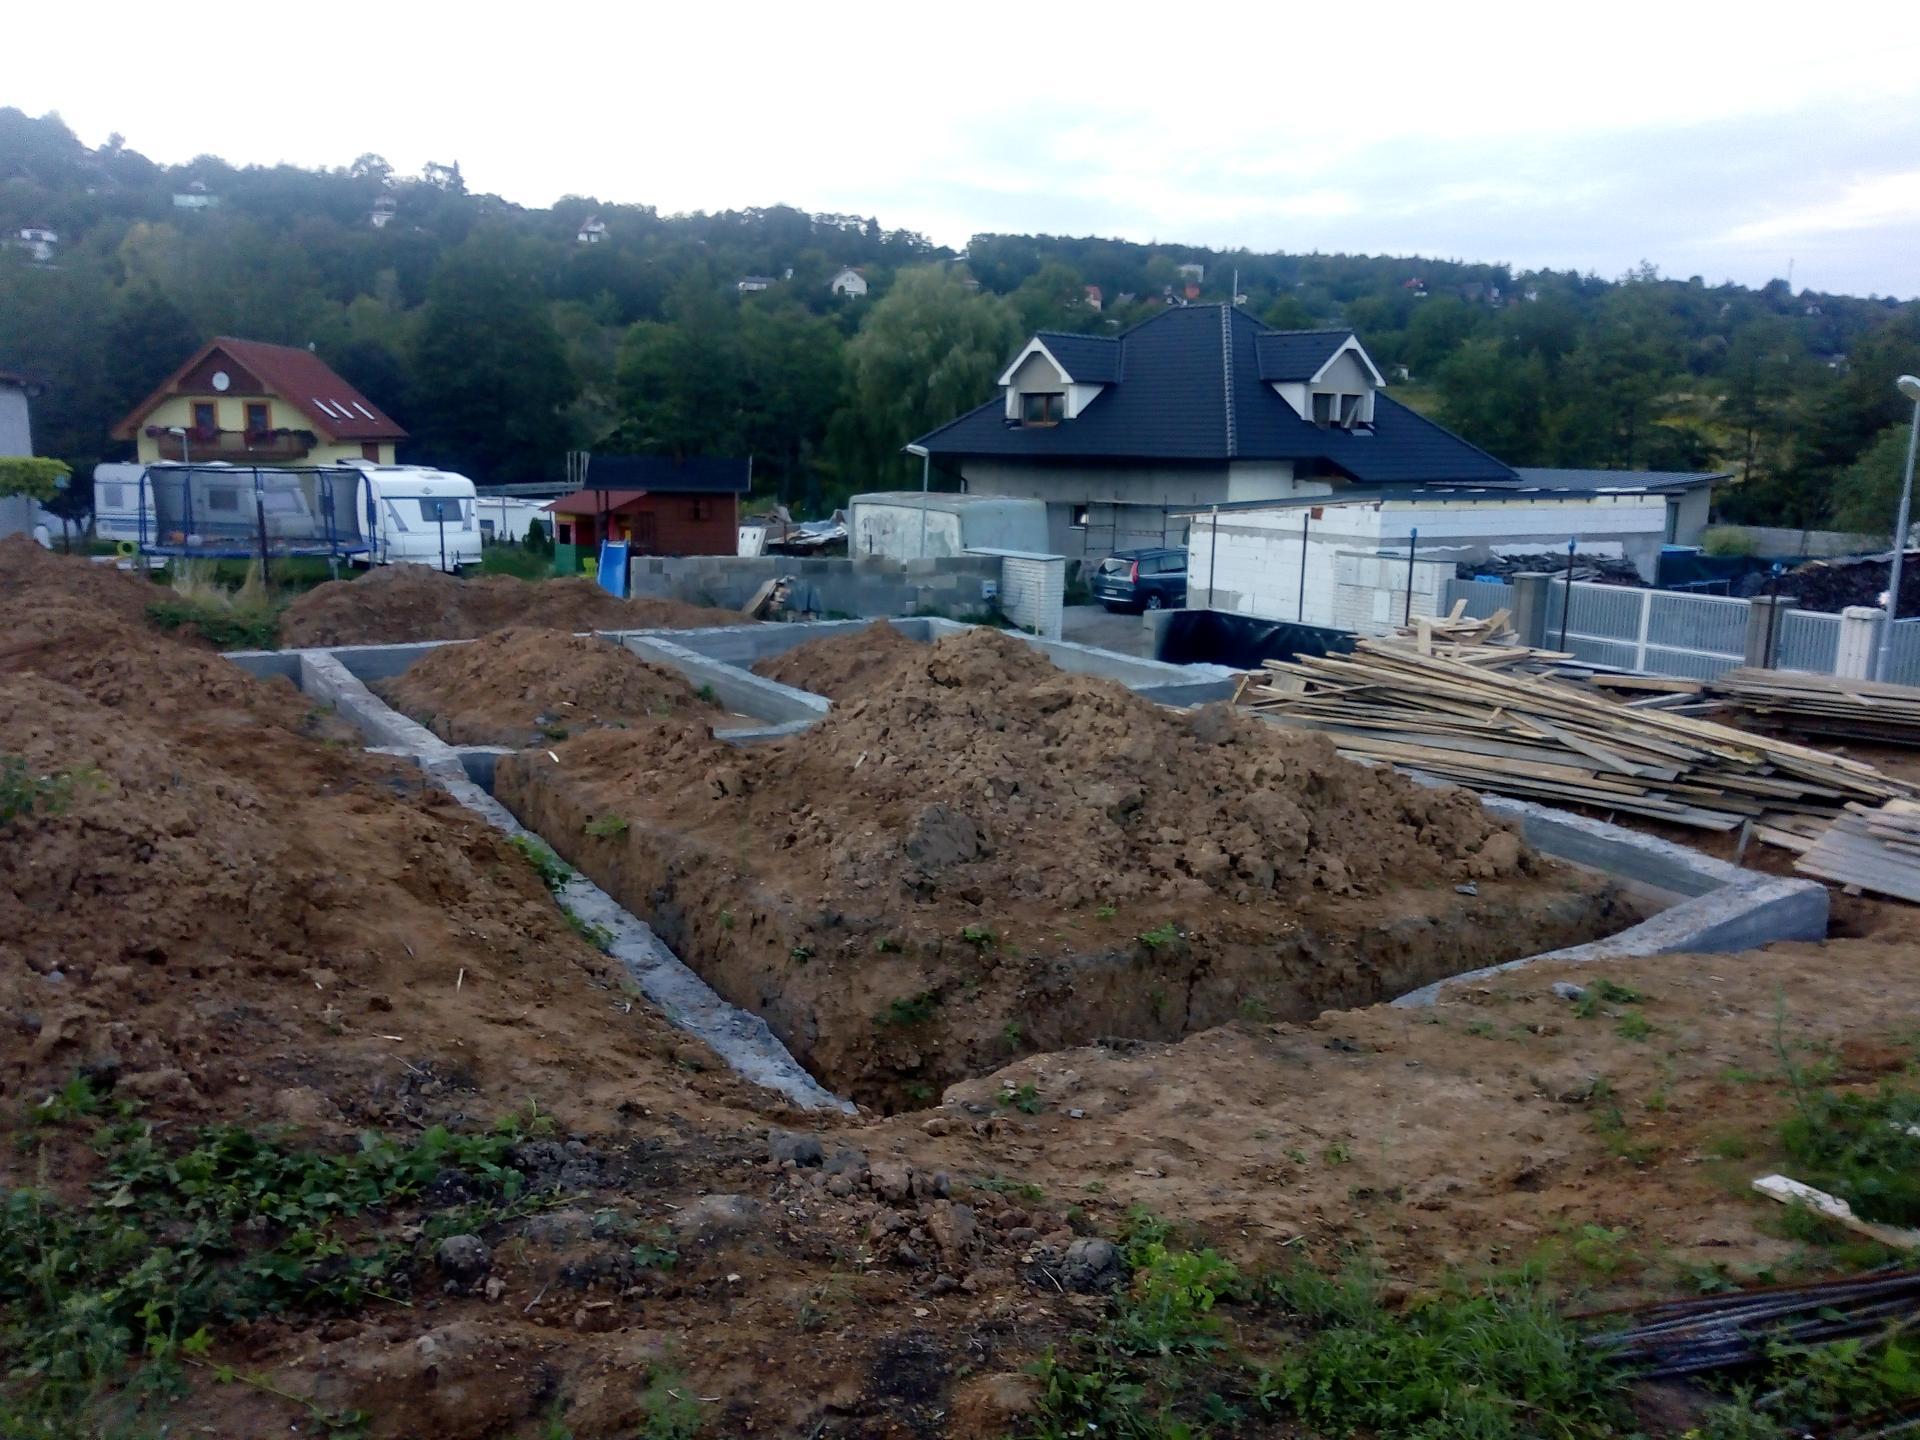 Příprava pozemku, bednění, základy, opěrka, bouda, plot - Obrázek č. 46